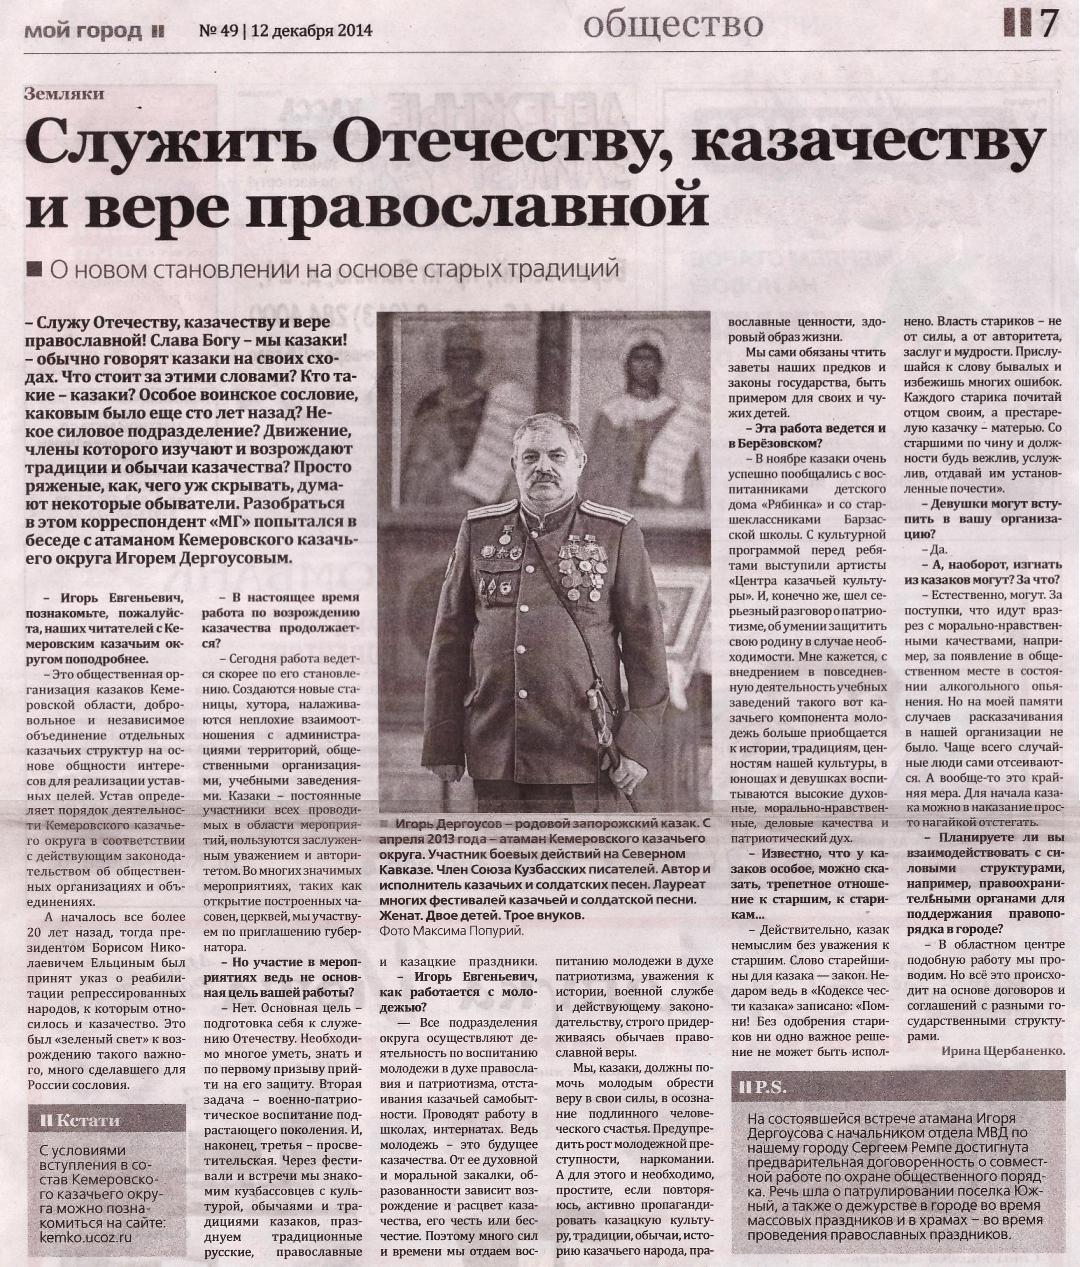 Интервью с атаманом Кемеровского казачьего округа войсковым старшиной Дергоусовым